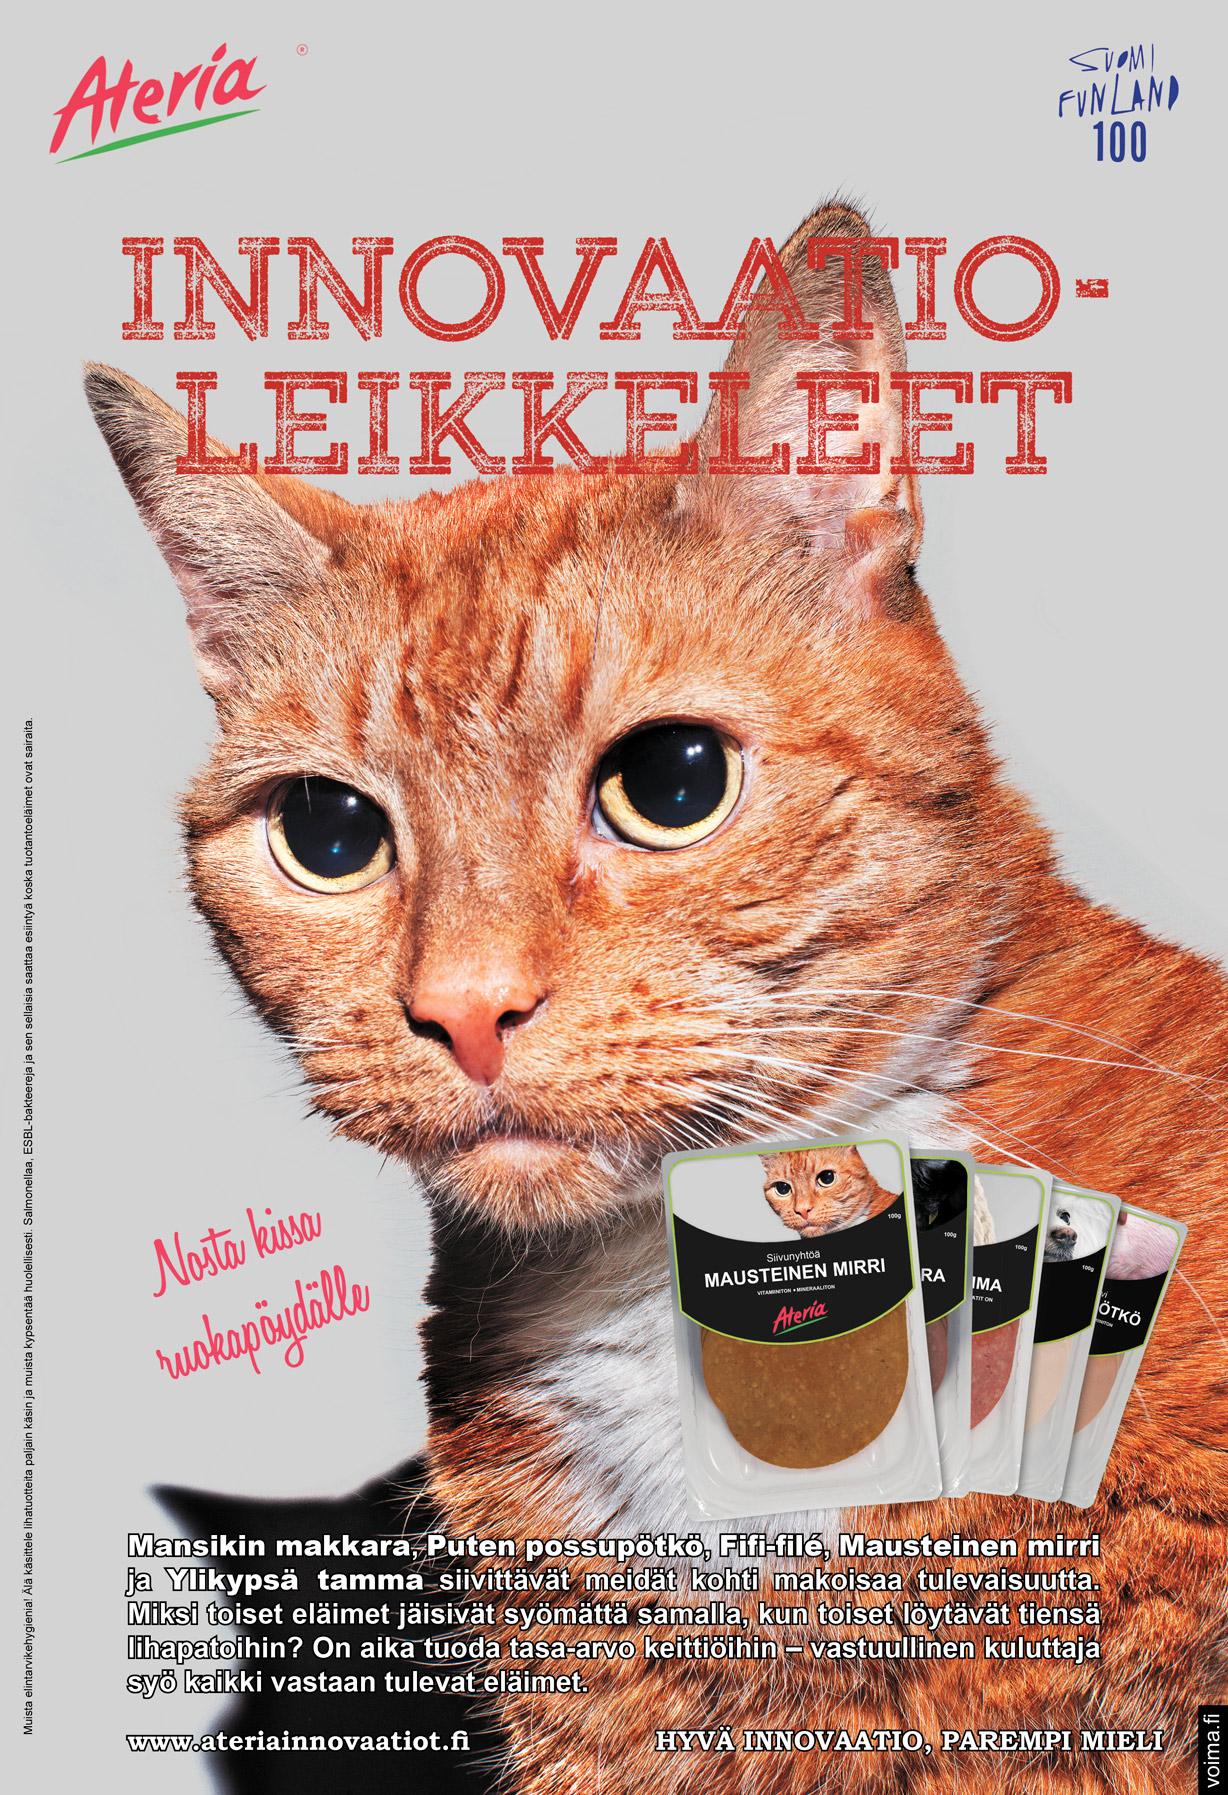 """""""Nosta kissa ruokapöydälle."""" Jossain kissoja hellitään ja jossain kissoja syödään. Ei voi väittää, että me ihmiset olisimme erityisen johdonmukaisia näissä hommissa. Siinä, missä suuri yleisö ei korvaansa lotkauta tapetusta possusta, nostattaa kissan tappaminen melkoisen myrskyn – joka ei ei unohdu vuosikymmenissä."""